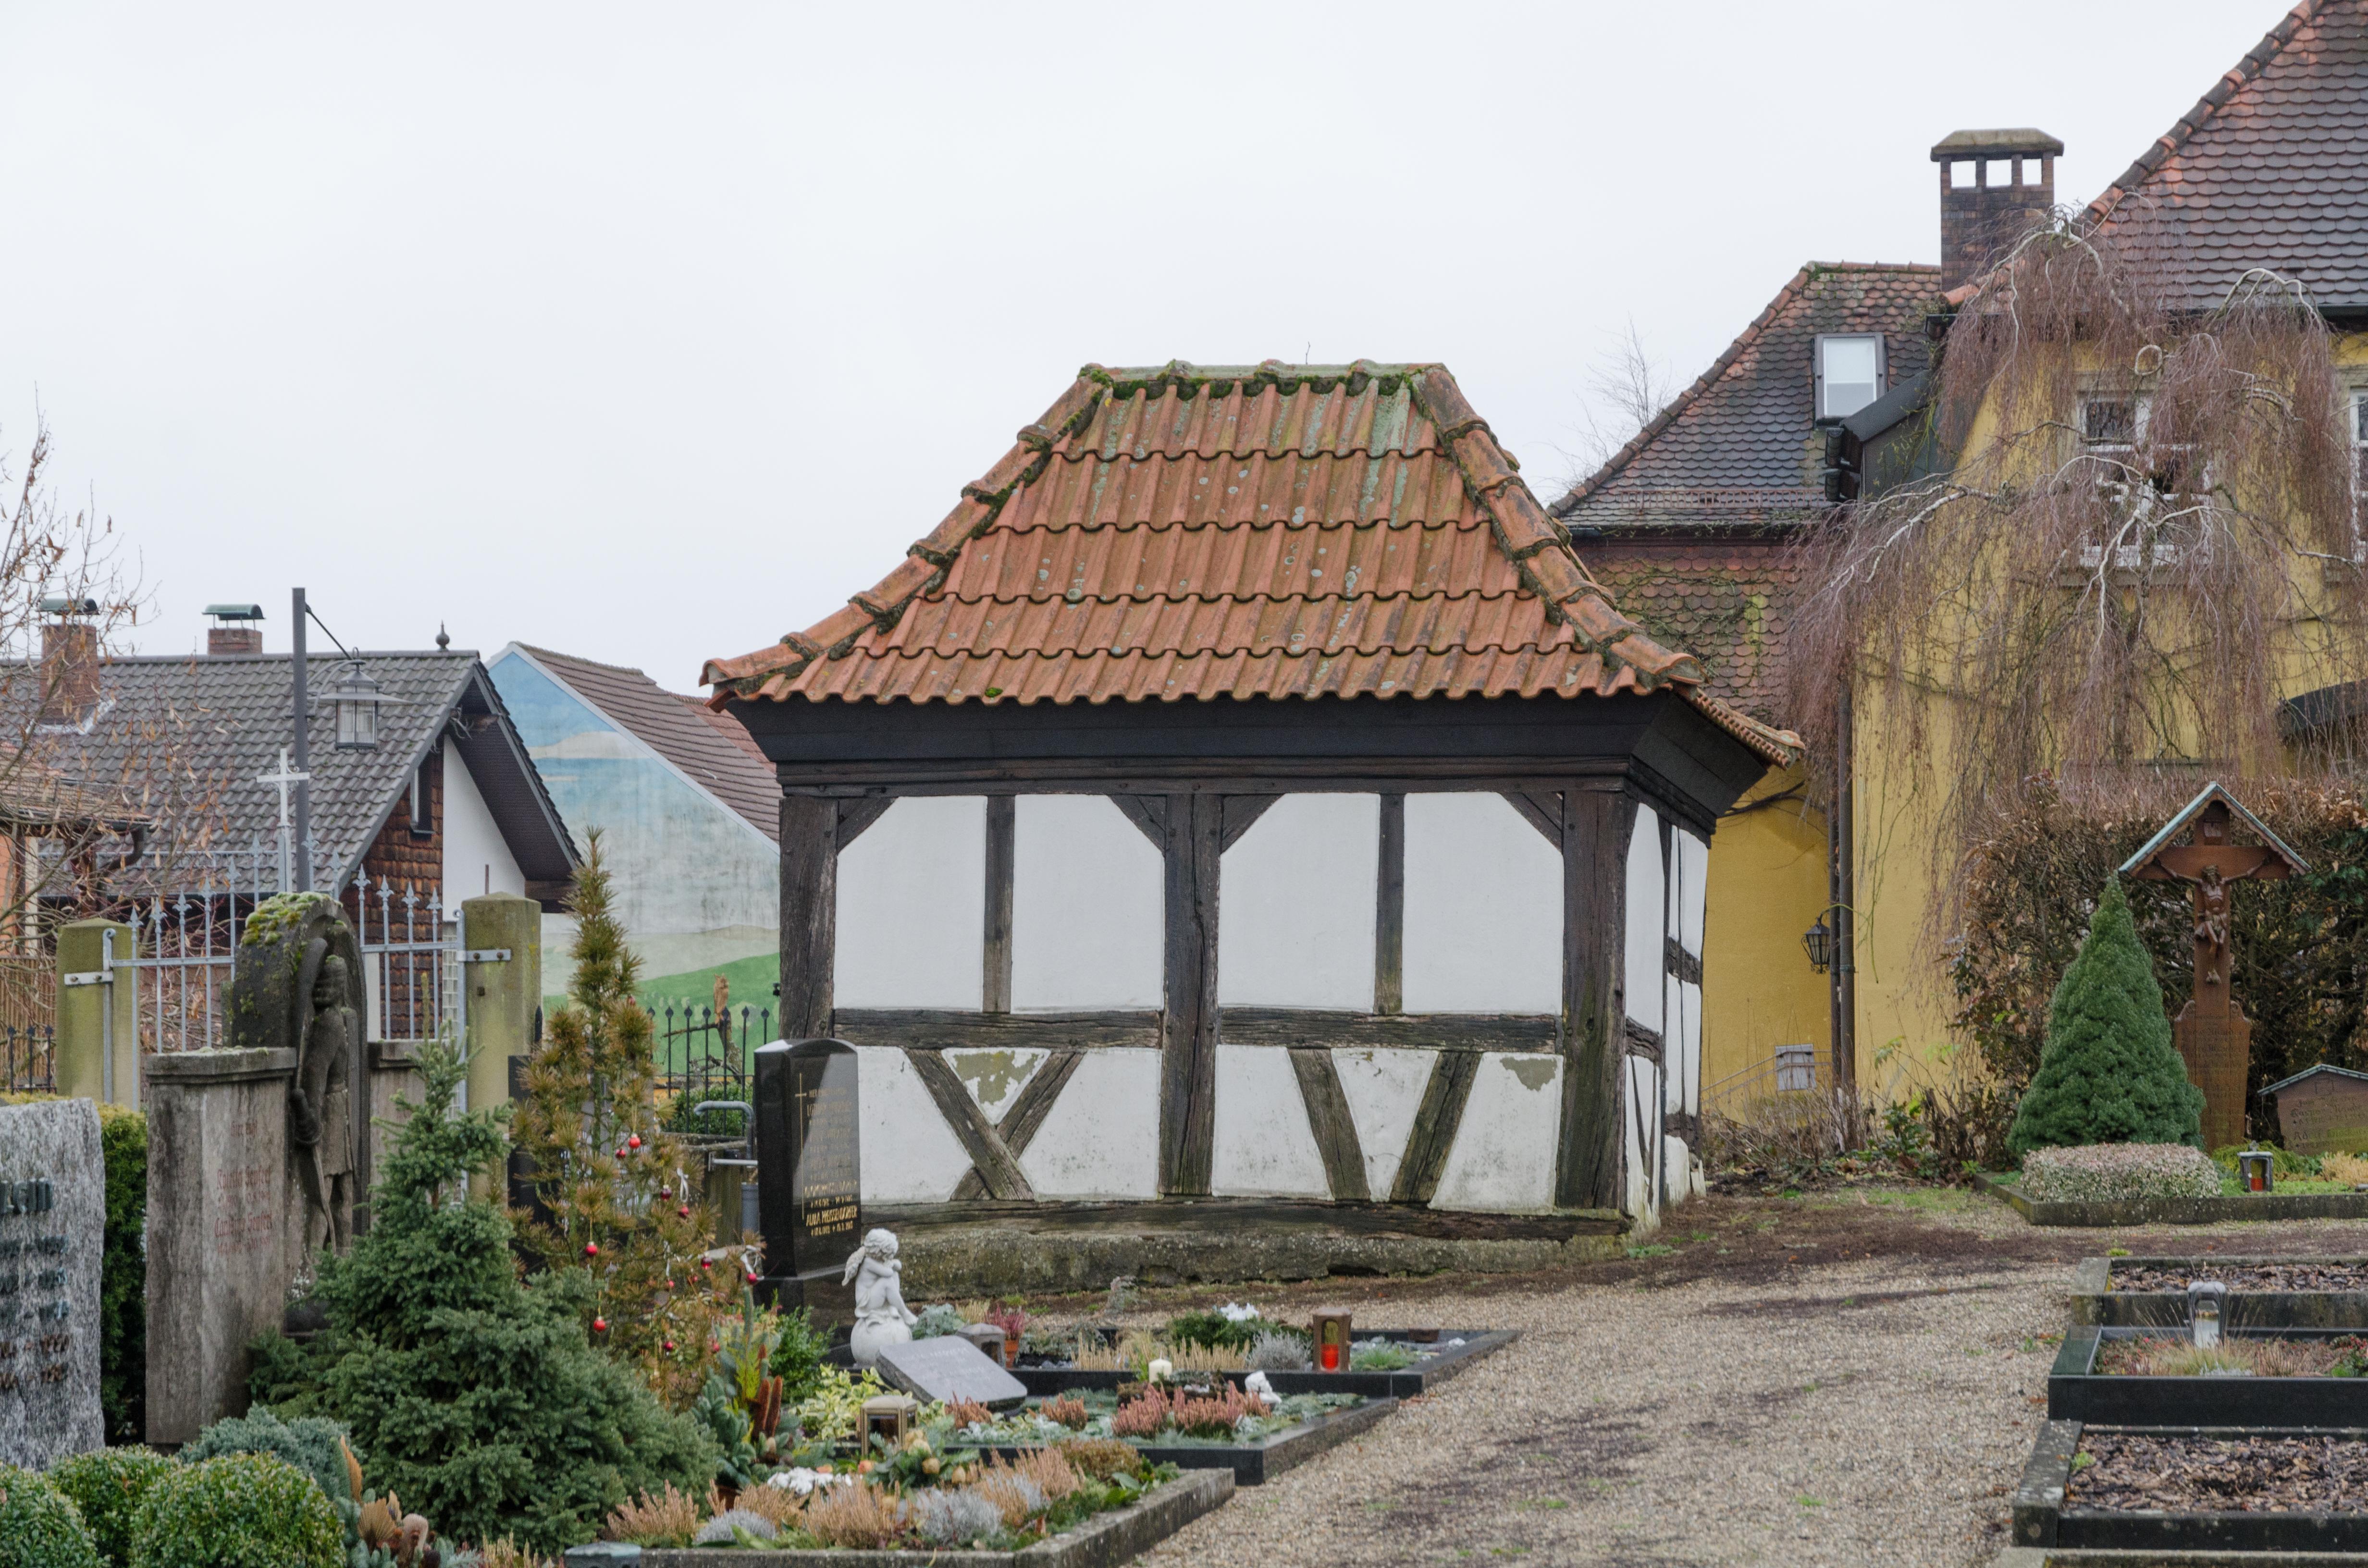 file dittelbrunn hambach friedhof fachwerkschuppen 002. Black Bedroom Furniture Sets. Home Design Ideas